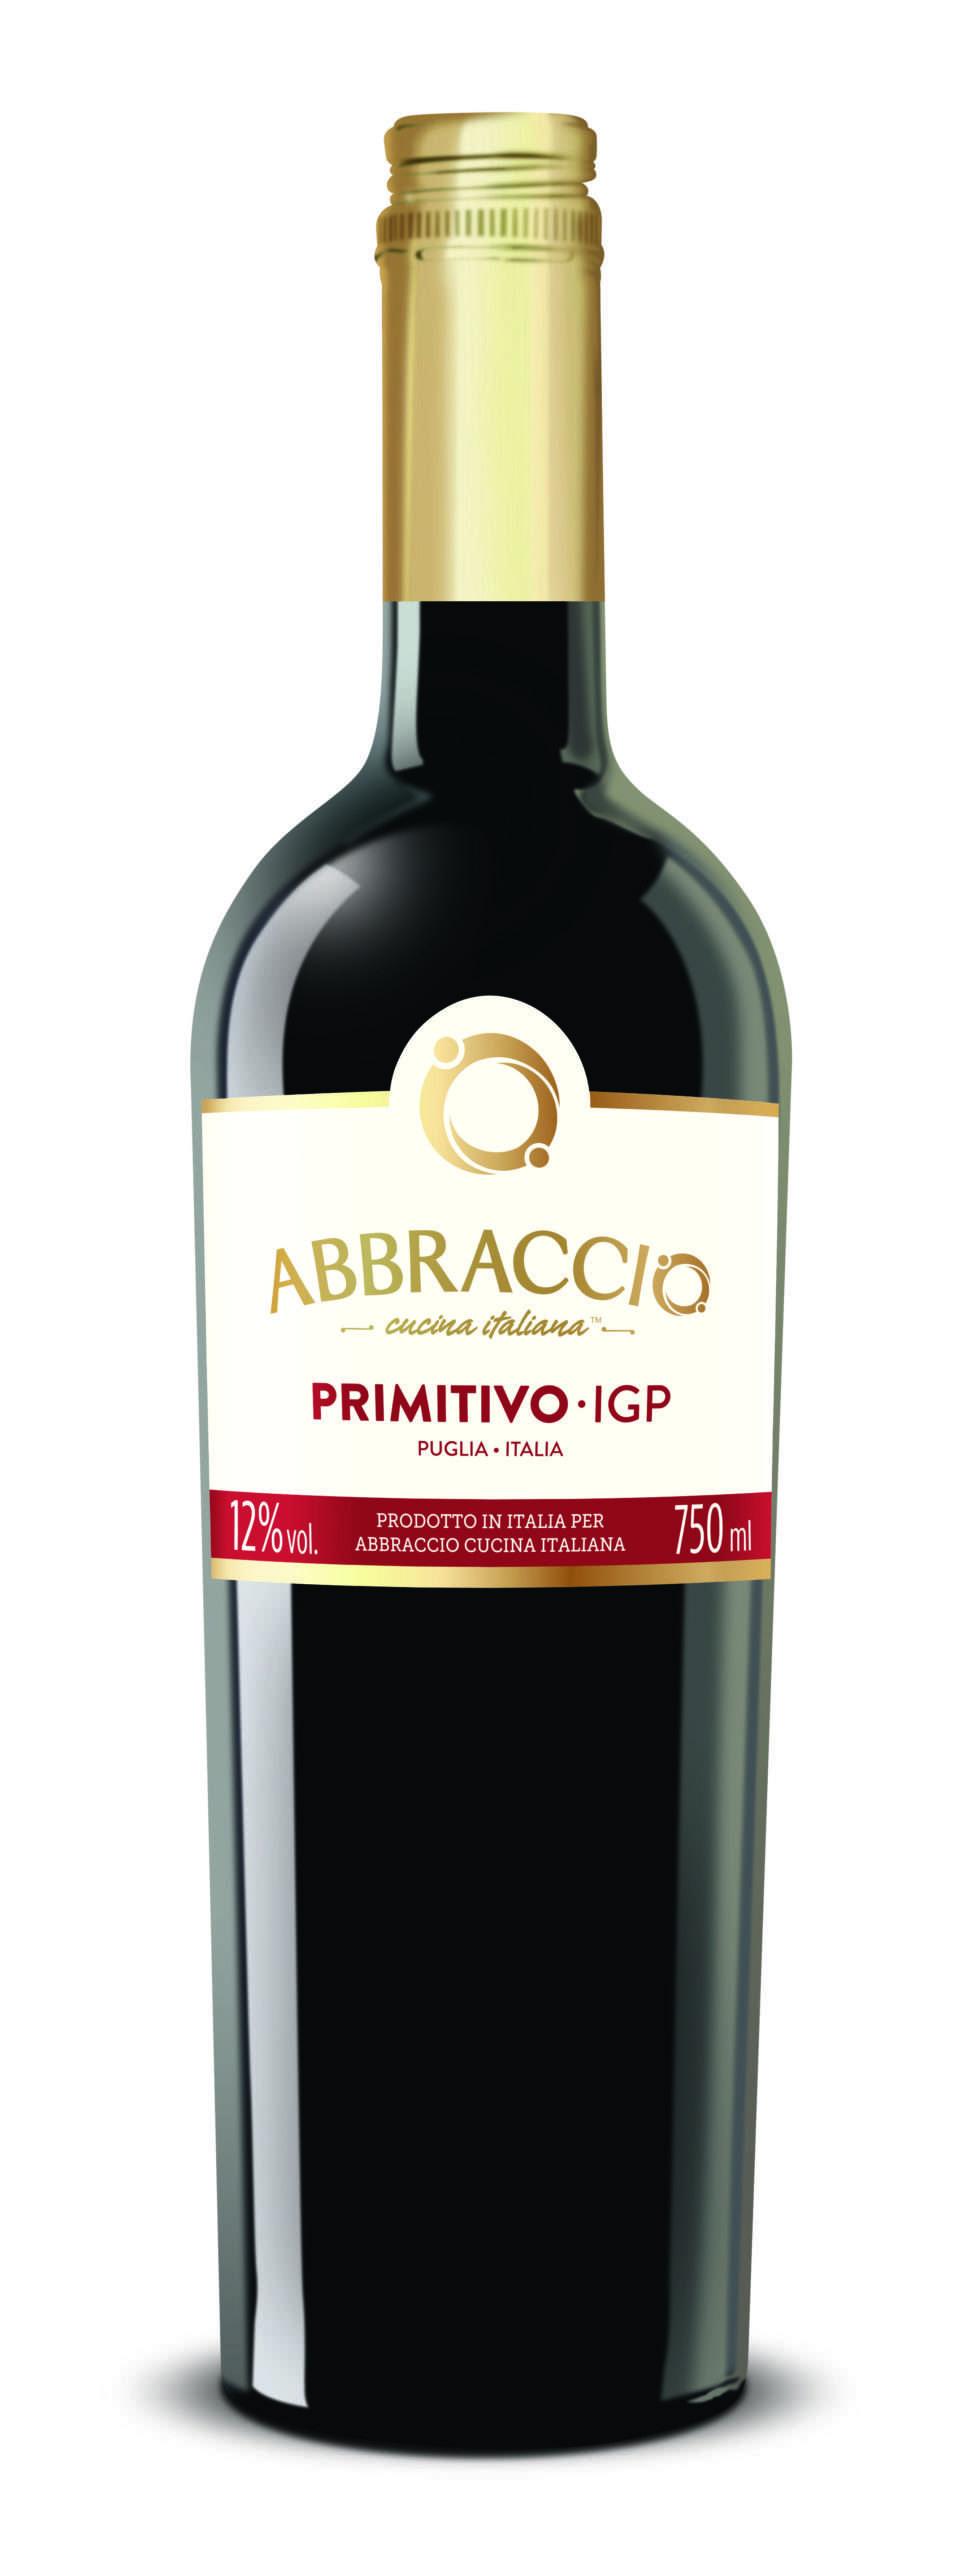 Abbraccio lança rótulo de vinho próprio